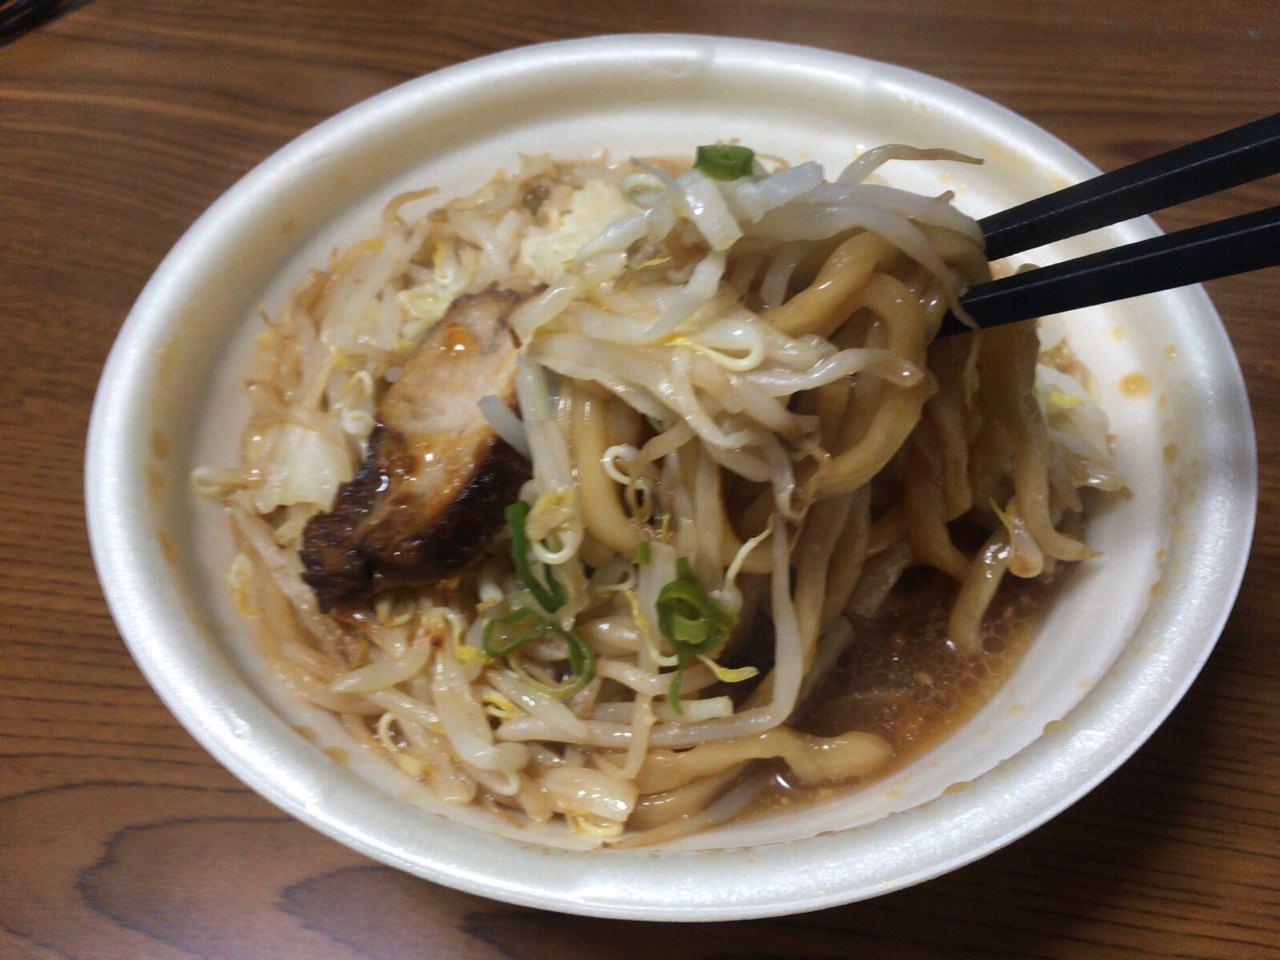 セブンイレブン 中華蕎麦 とみ田 5